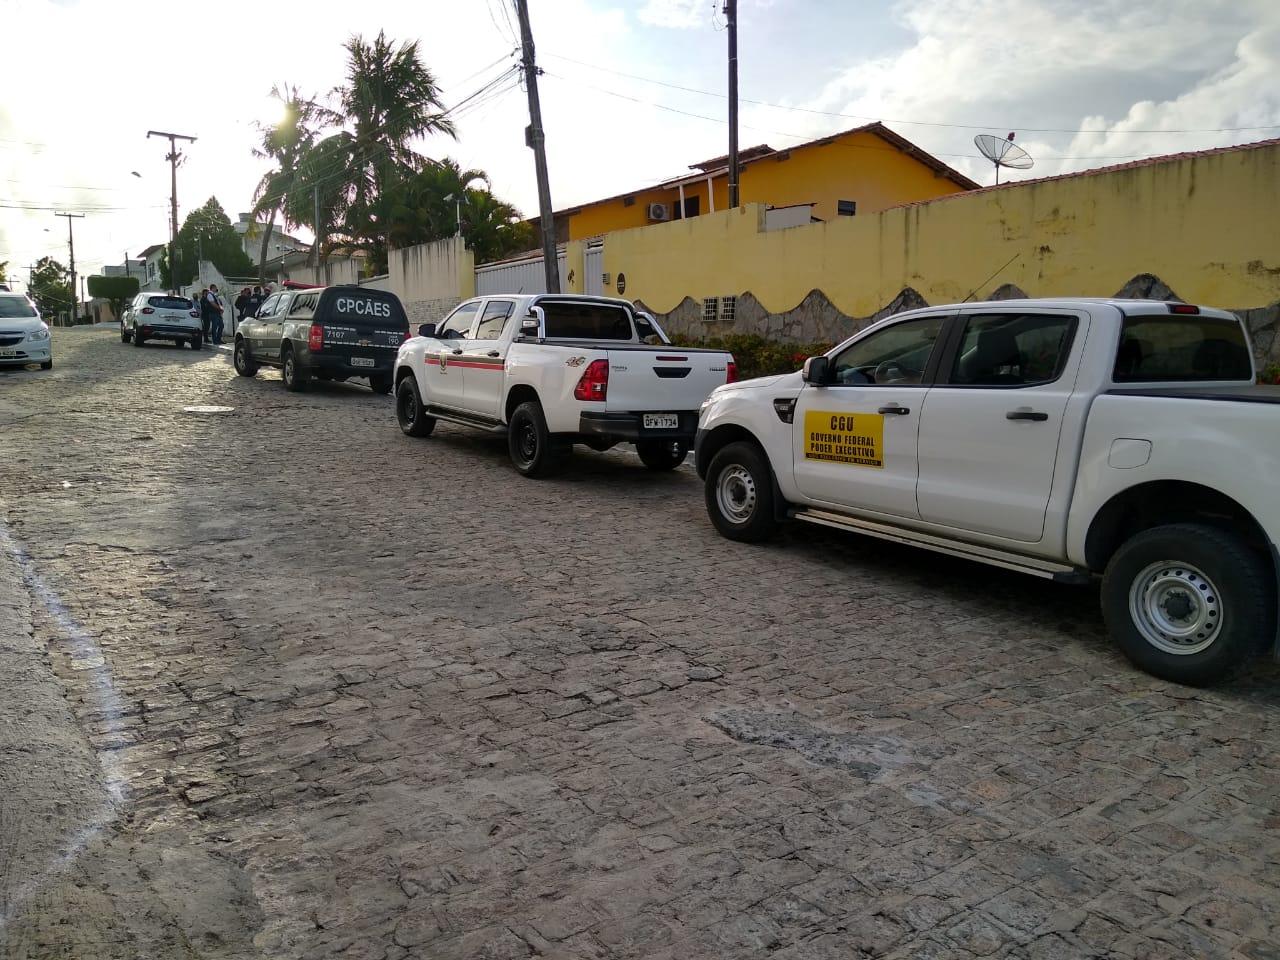 WhatsApp Image 2021 02 04 at 07.11.00 1 - OPERAÇÃO CALVÁRIO: empresário alvo de mandado de prisão nesta quinta, Pietro Harley já foi preso durante operação da PF, em 2012 - ENTENDA